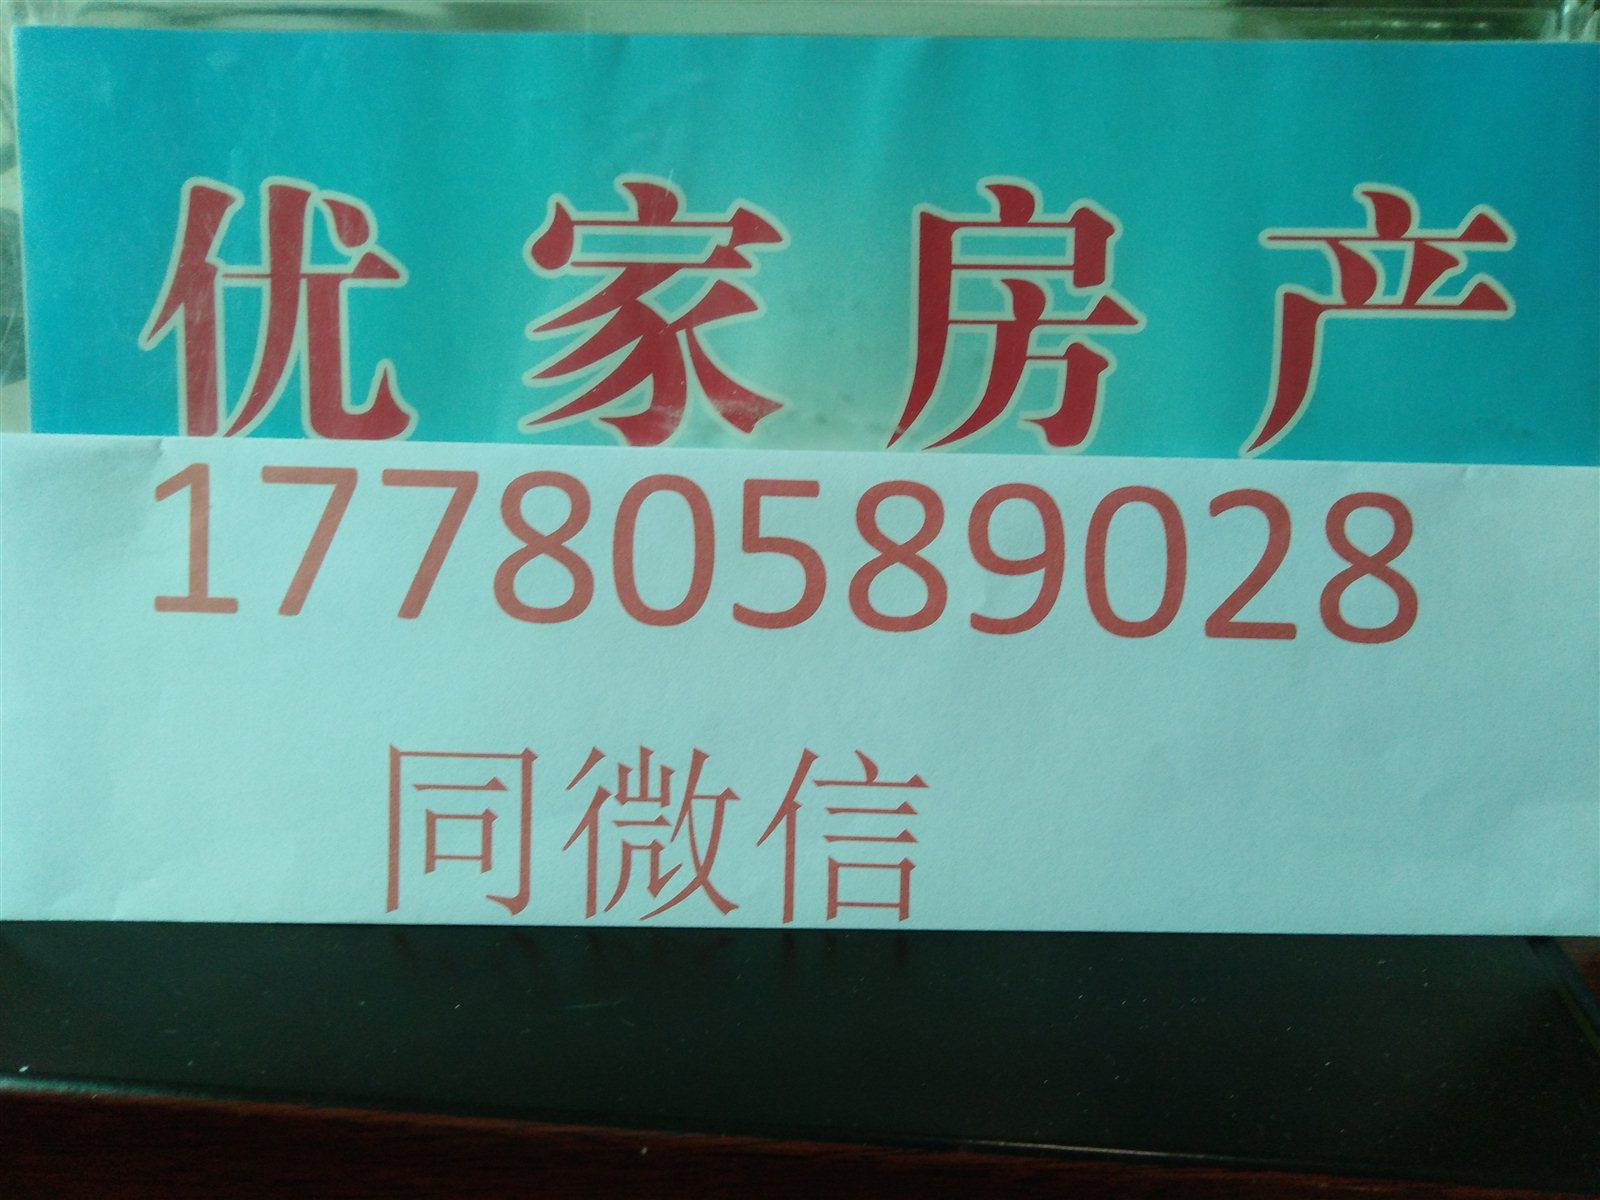 租金30万一年邛崃市区玉带街餐饮商铺